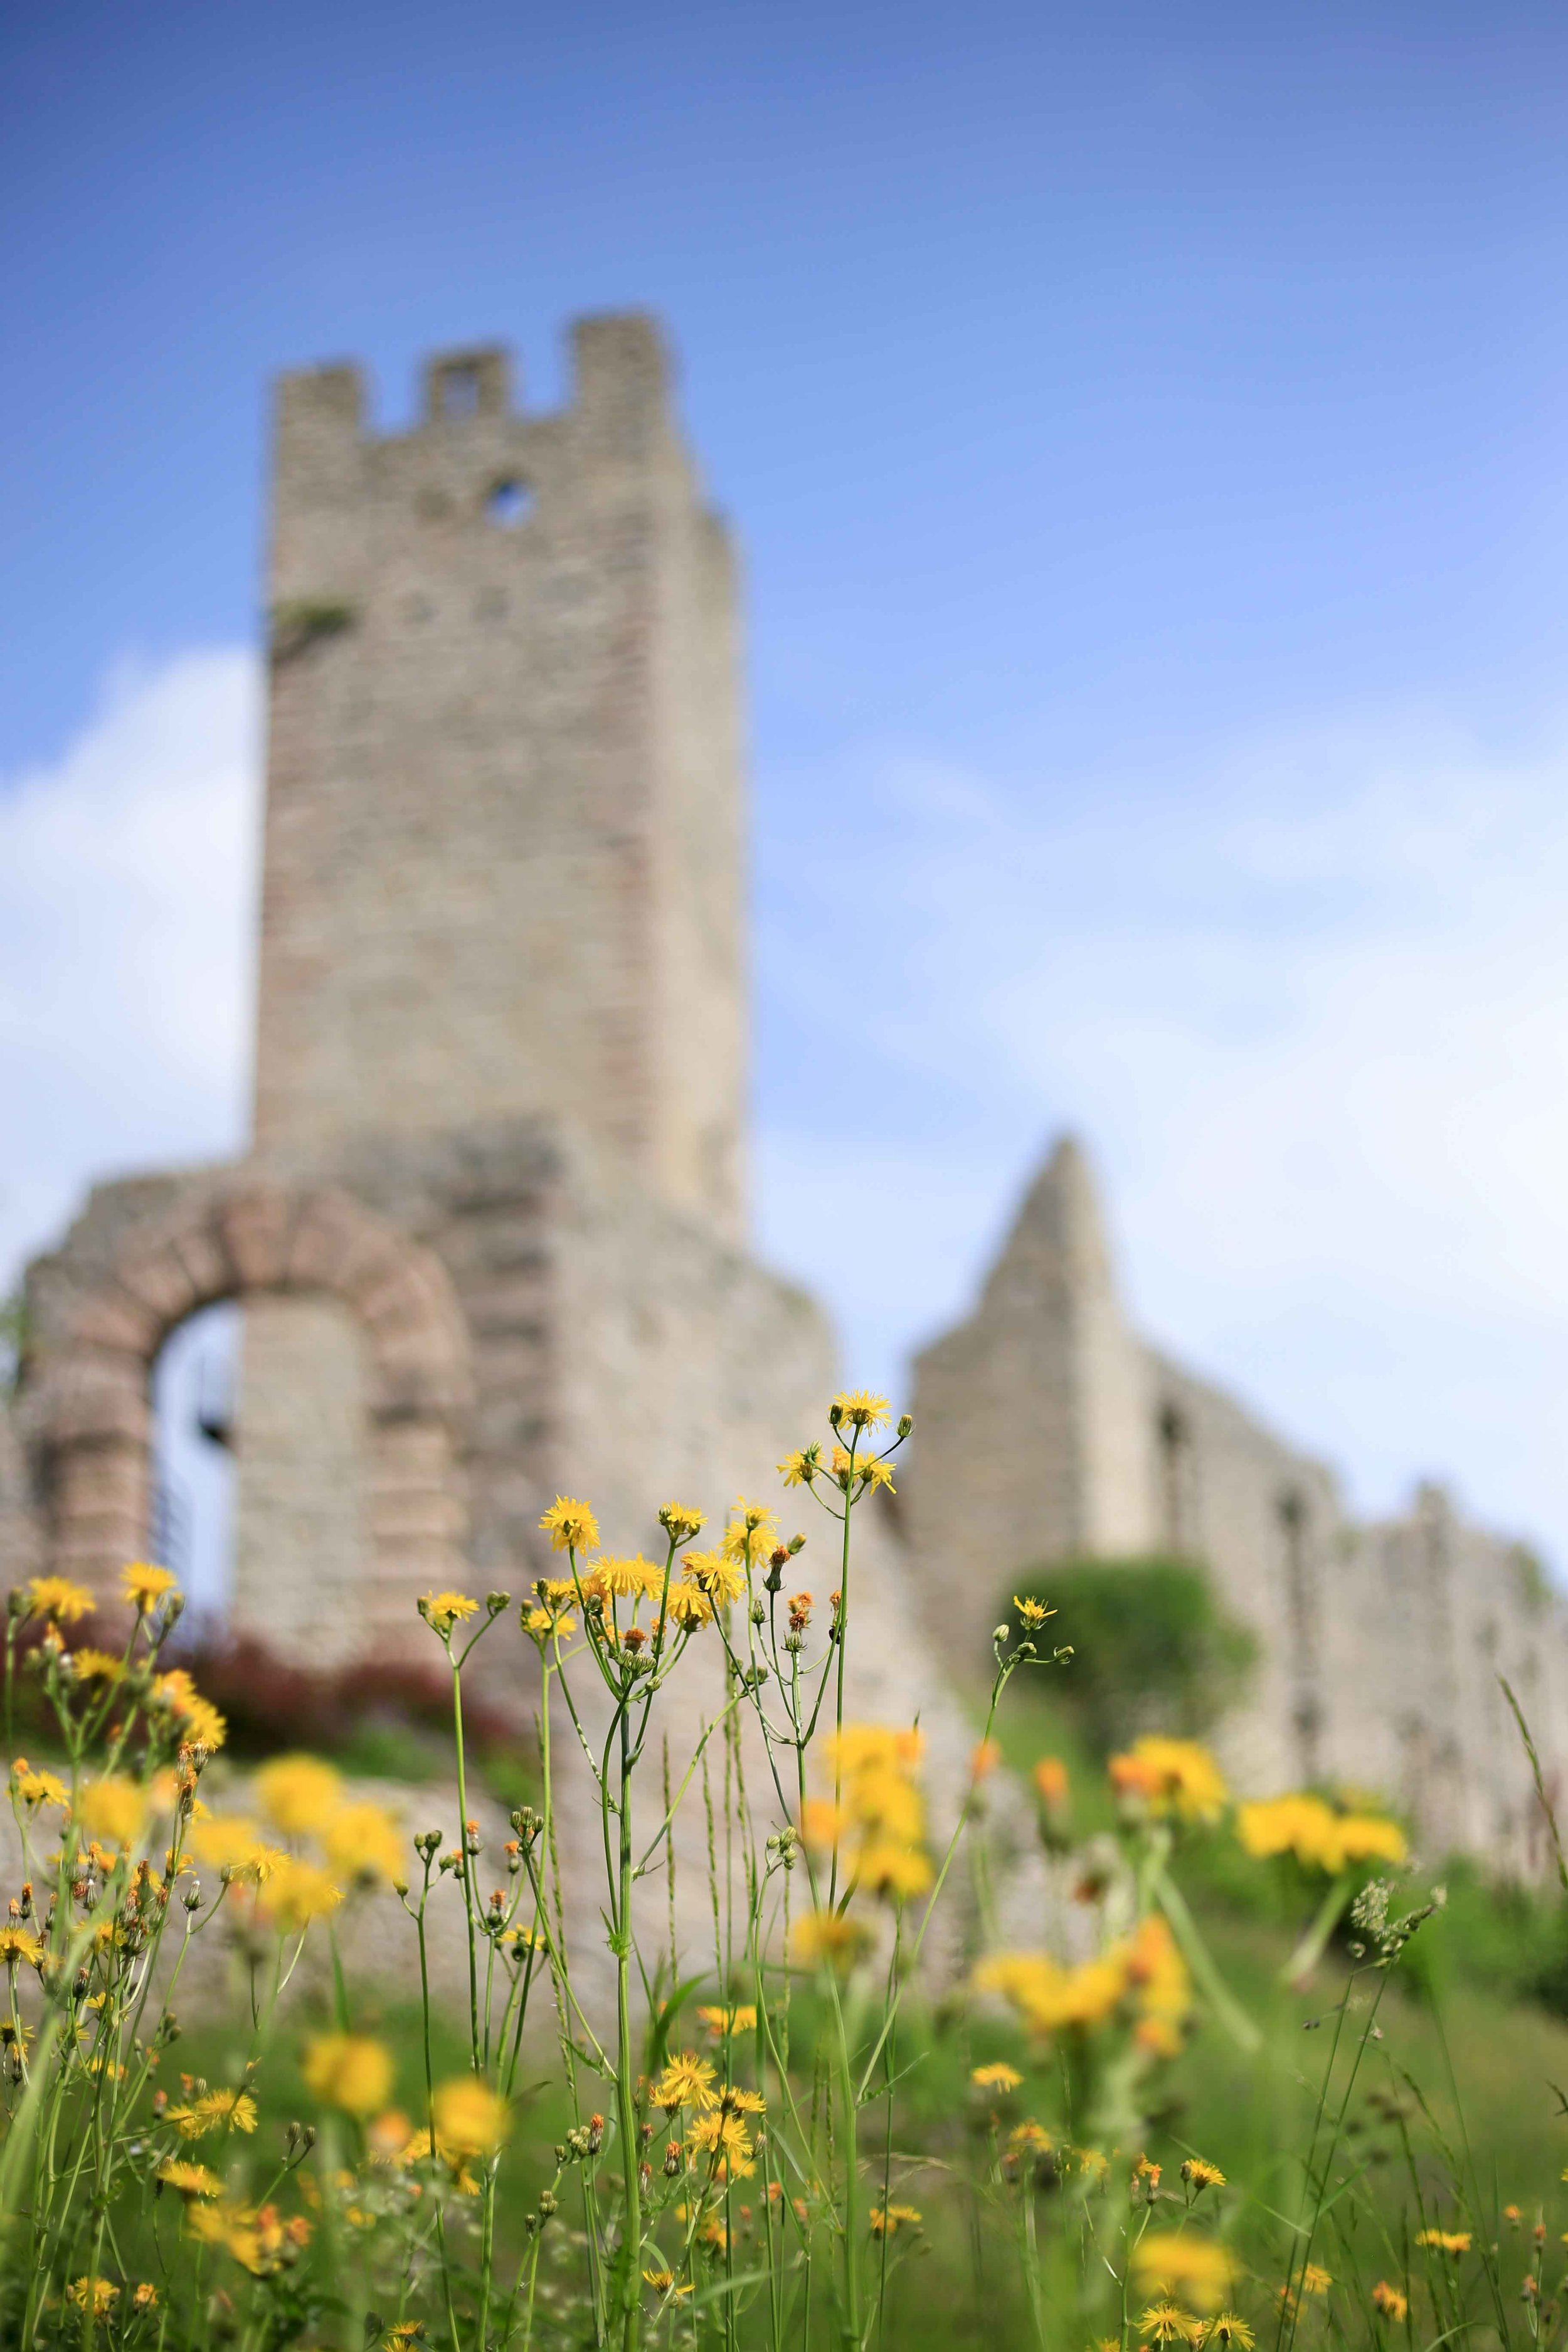 Fields of dandelions in front of Belfort Castle